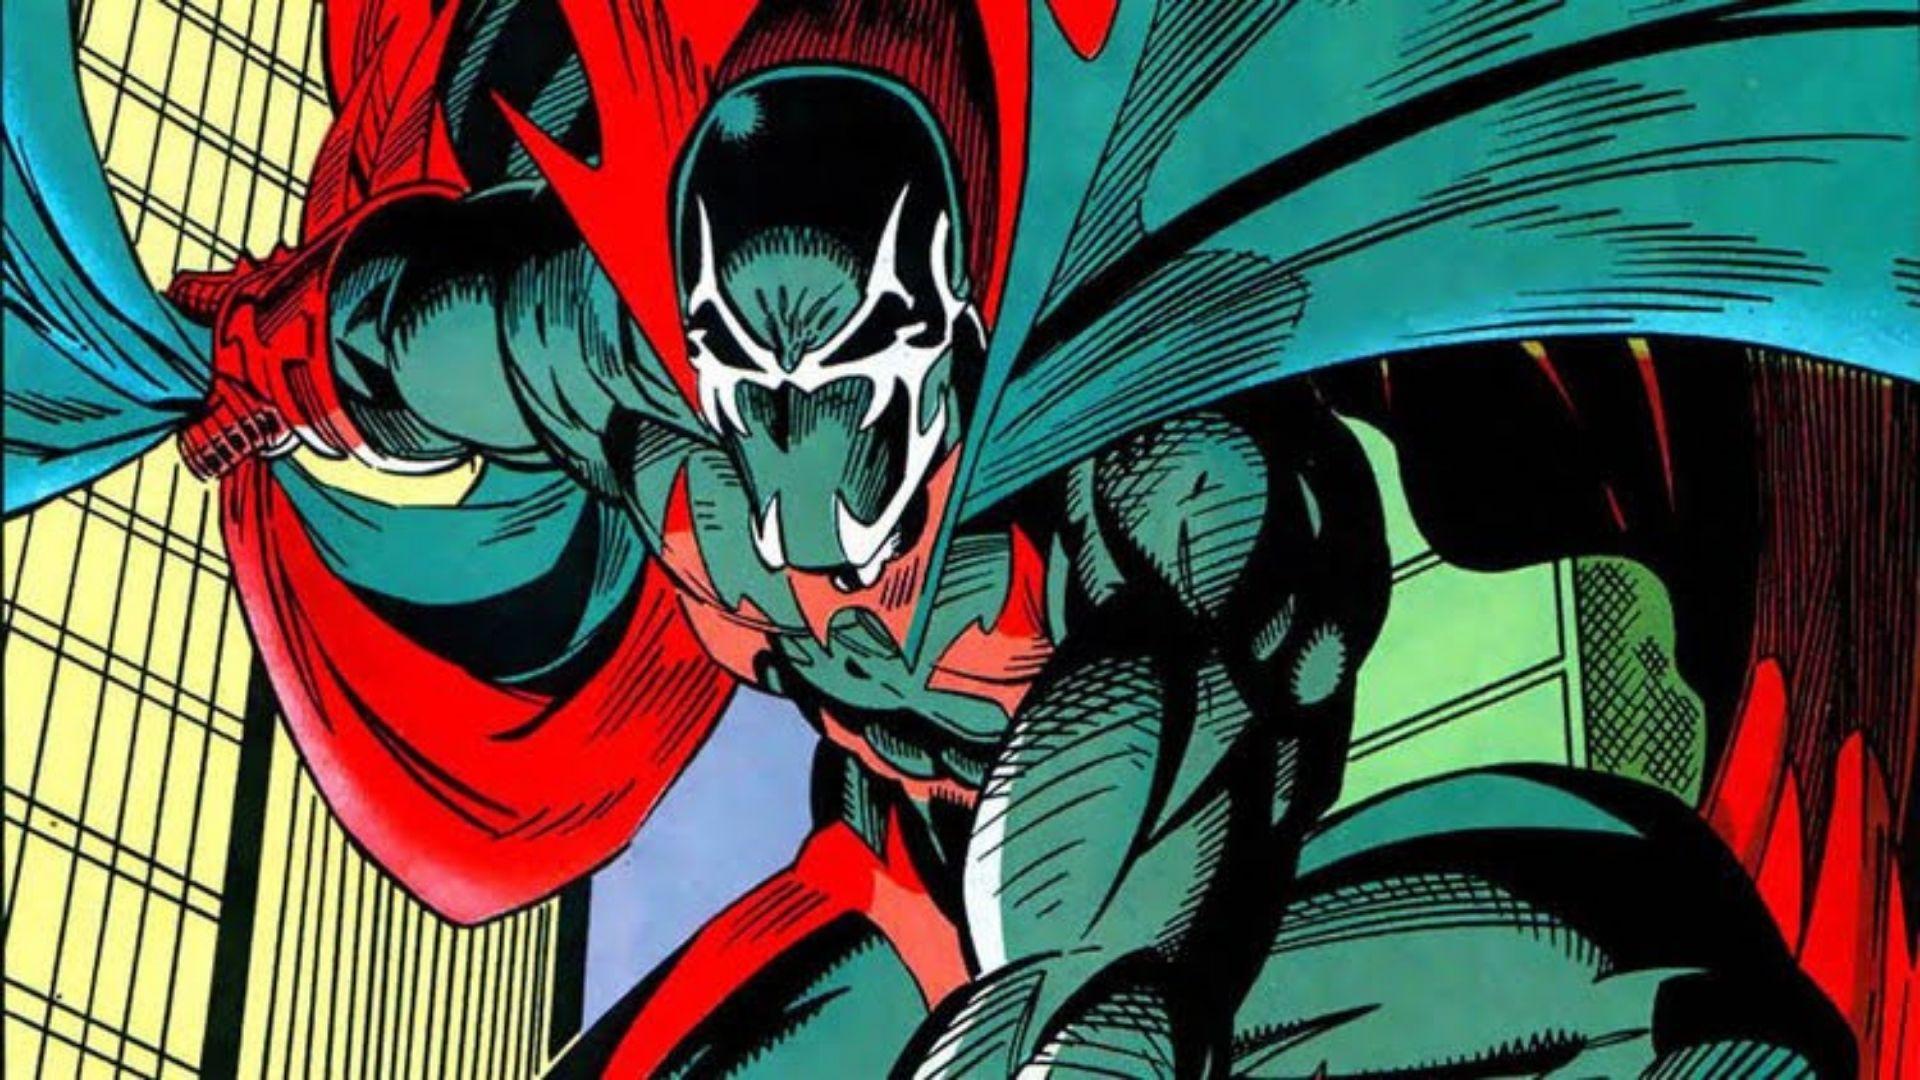 【スパイダーマン】ナイトウォッチの強さ・能力について解説!【マーベル原作】